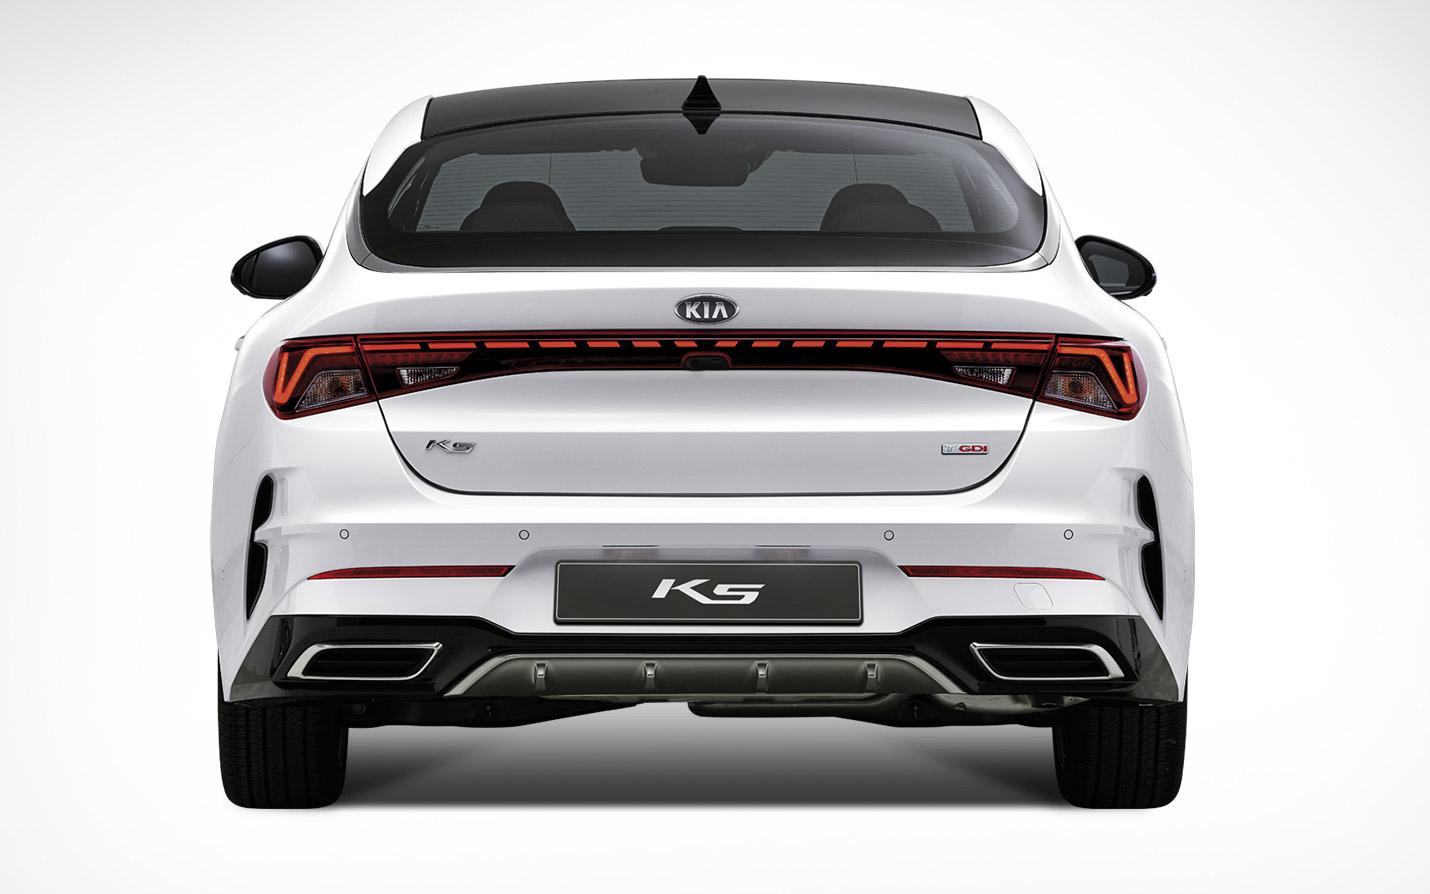 2020-Kia-Optima-K5-Korea-6.jpg